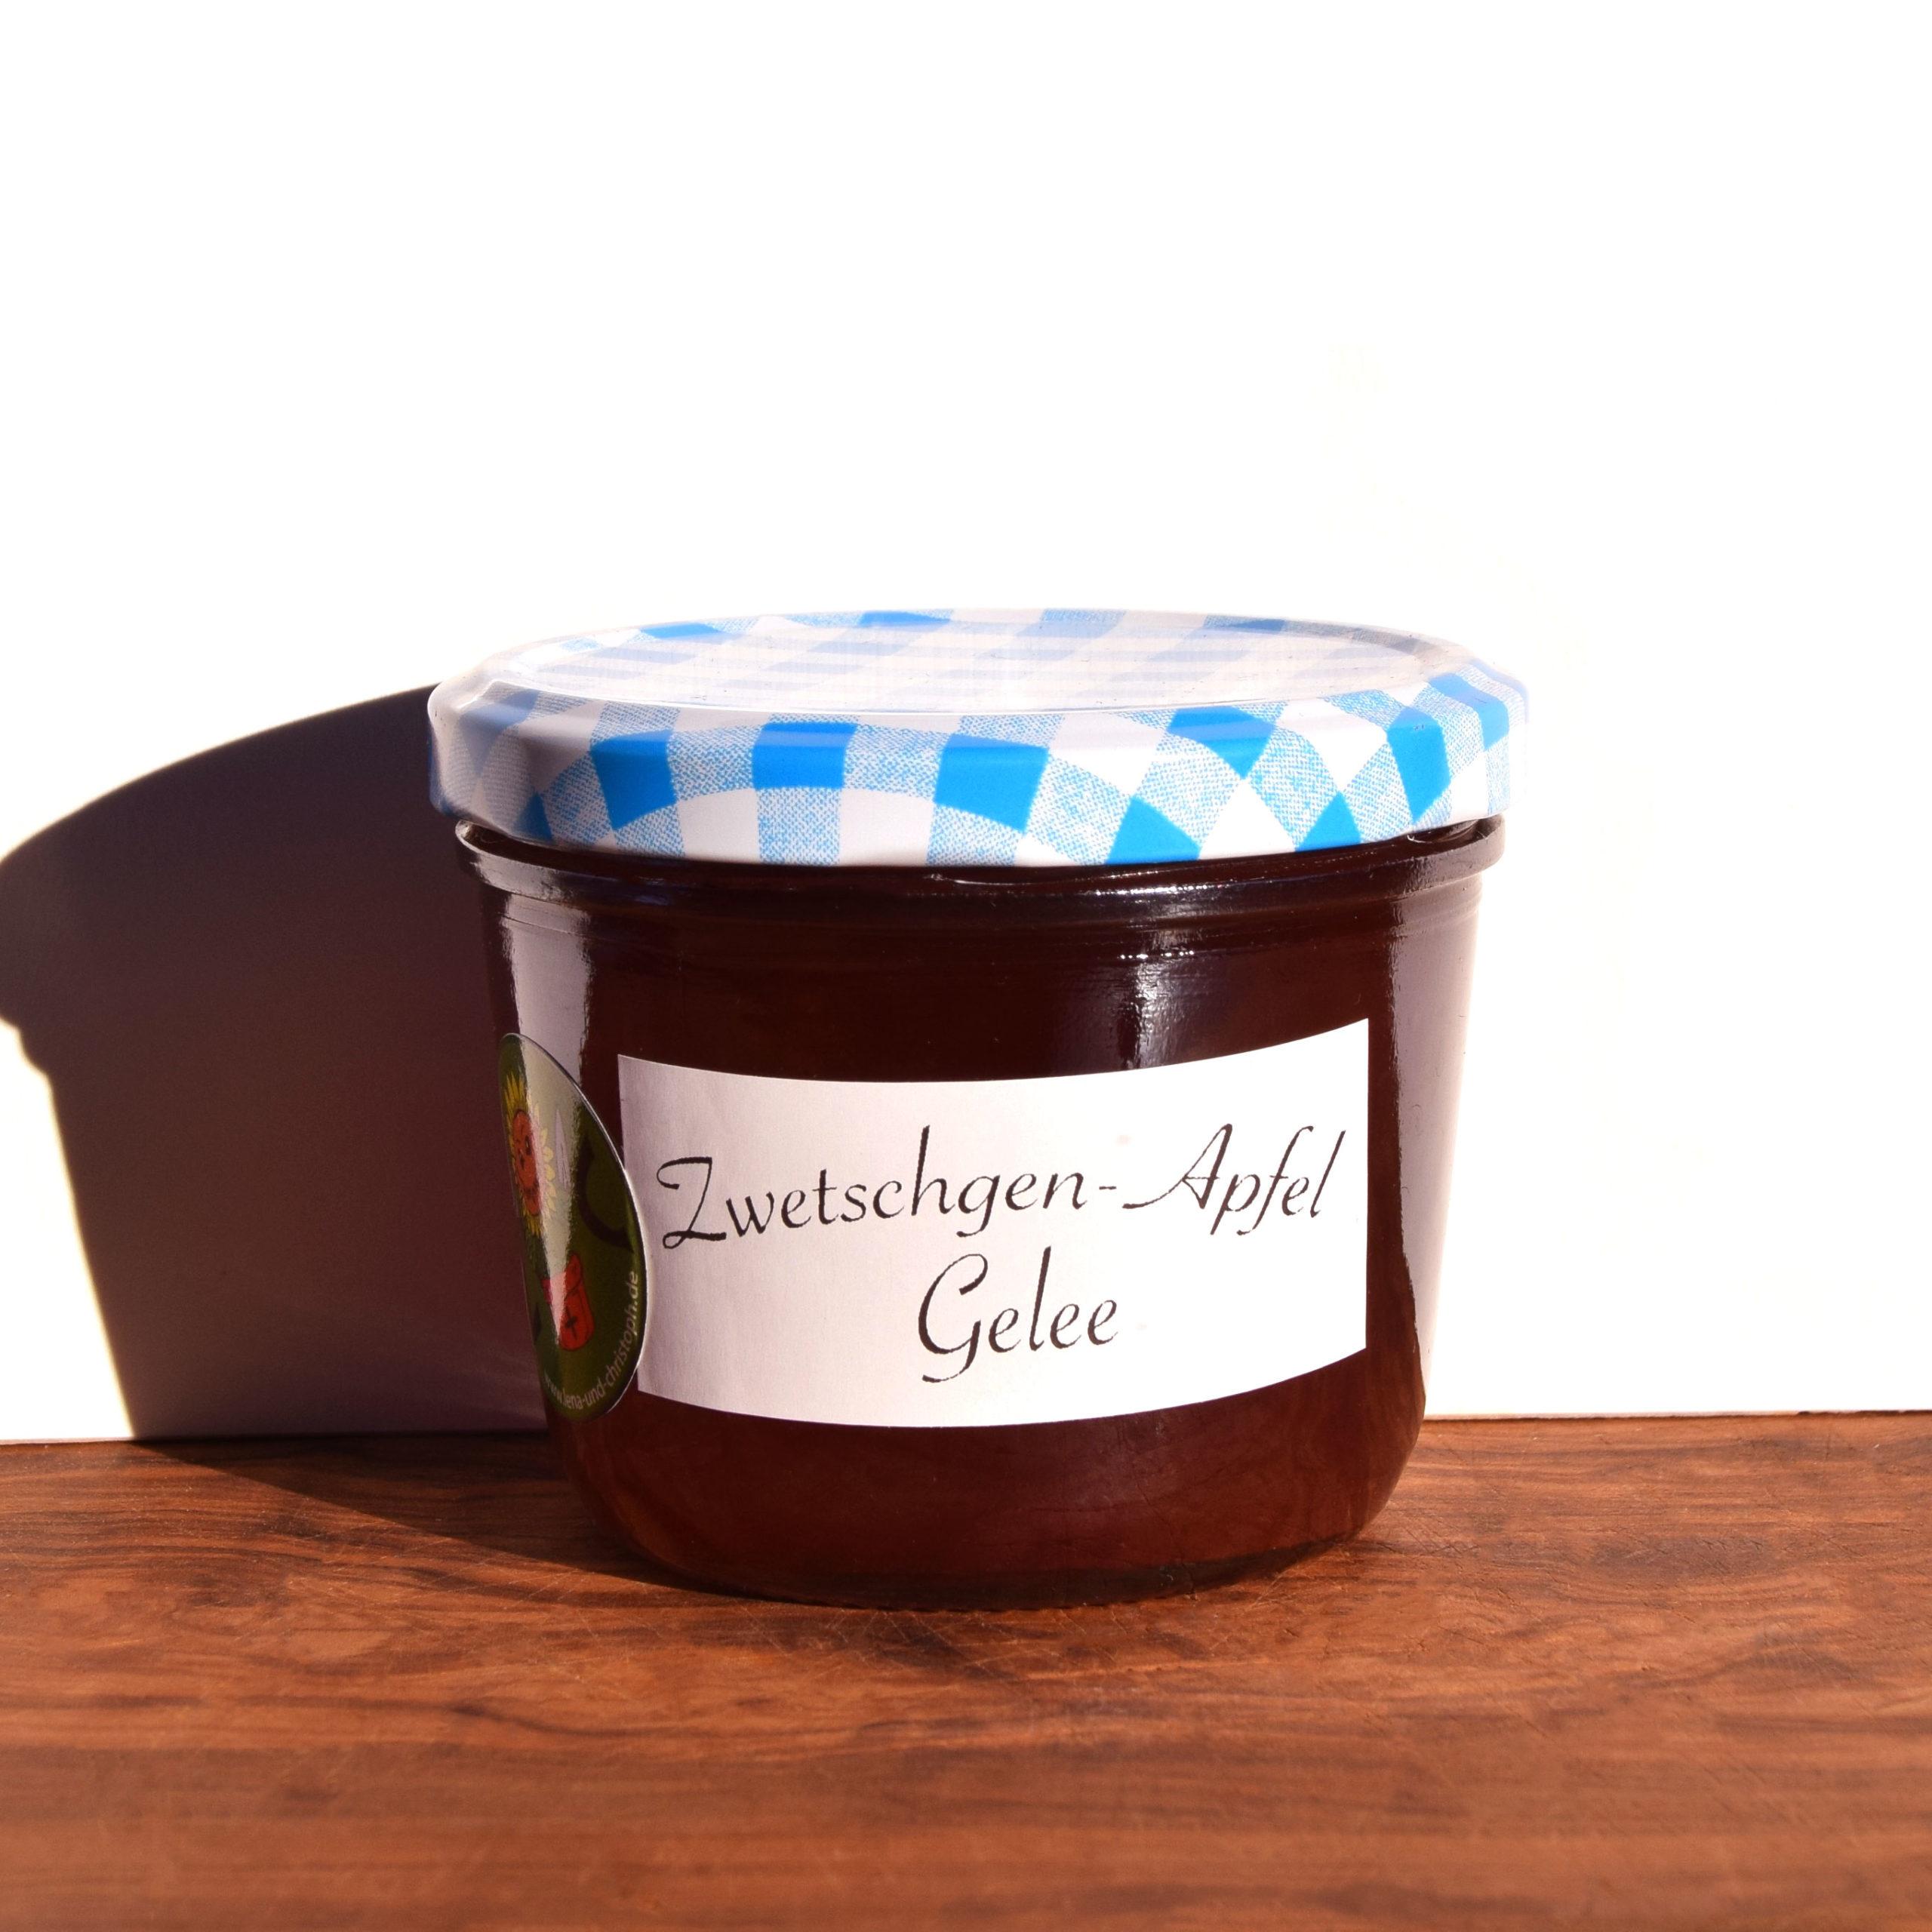 Zwetschgen-Apfel Gelee Image